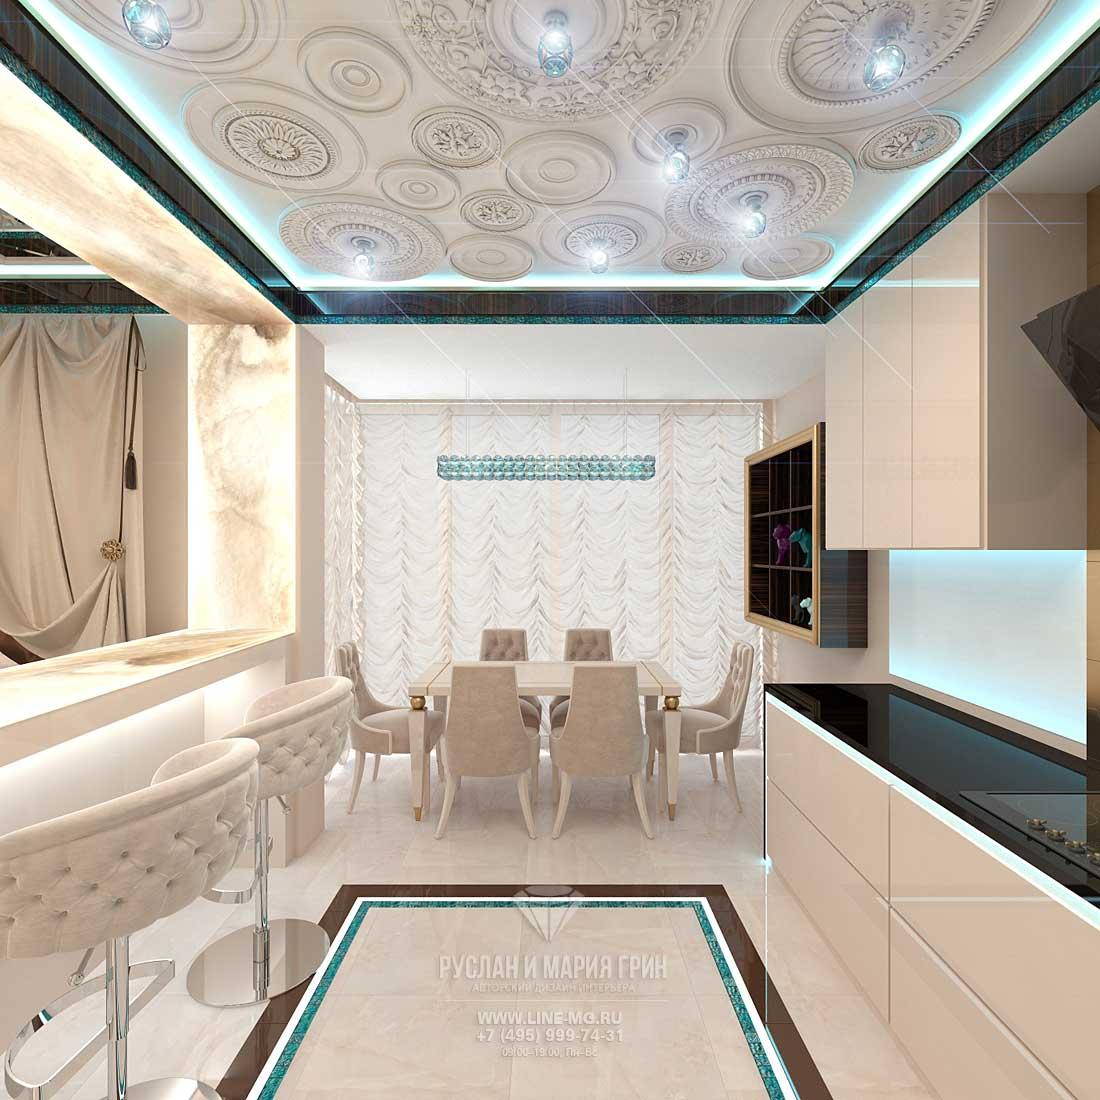 Элитный ремонт квартиры в Москве. Фото интерьера кухни